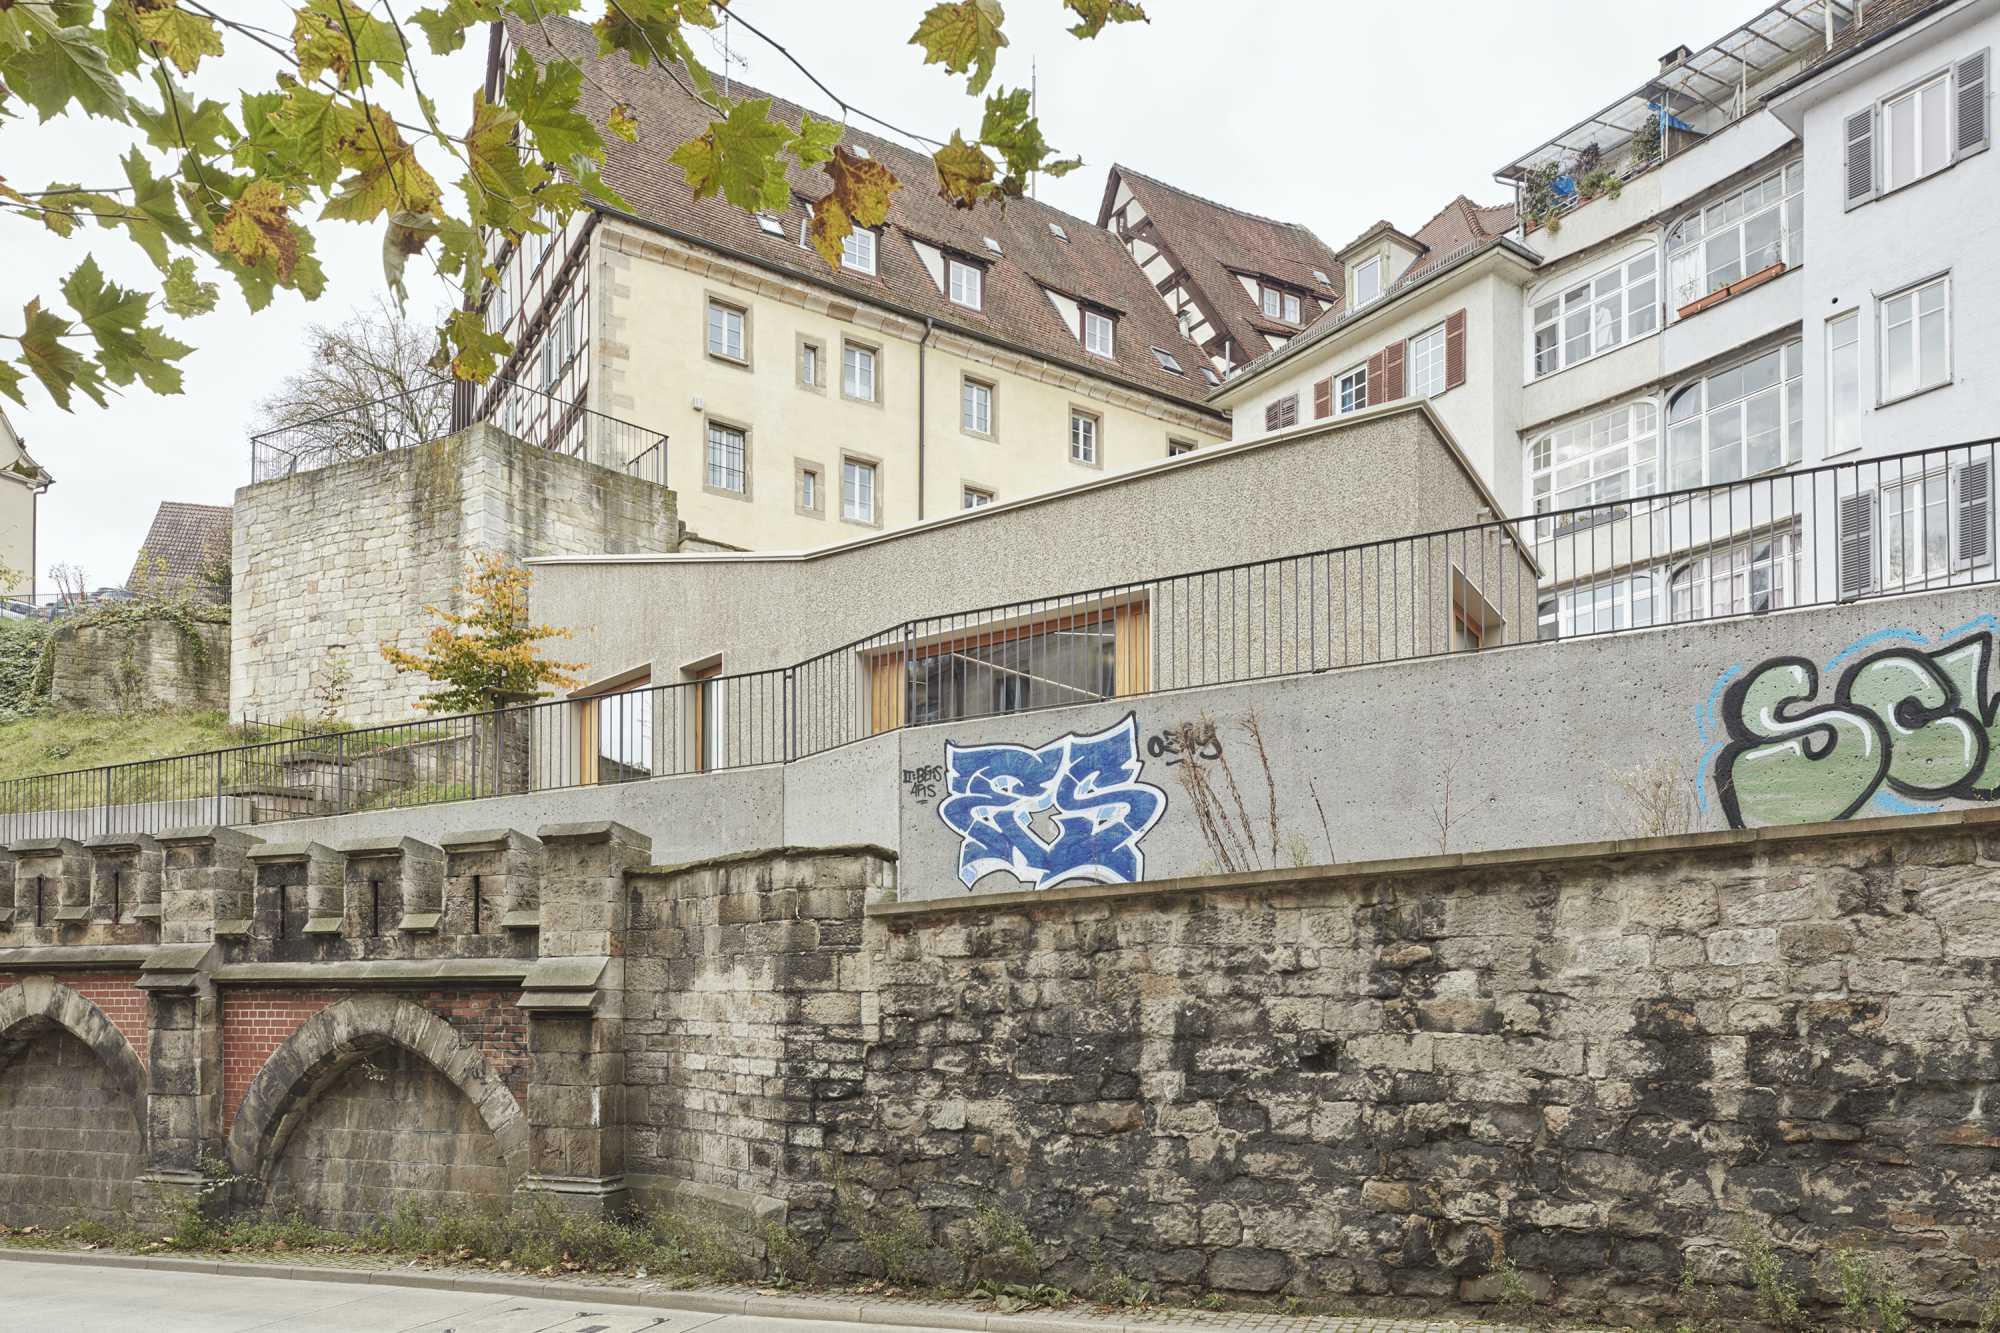 Begehung Projekt Pfleghofstraße 4.1 beim Deutschen Städtebautag ({project_images:field_row_count})